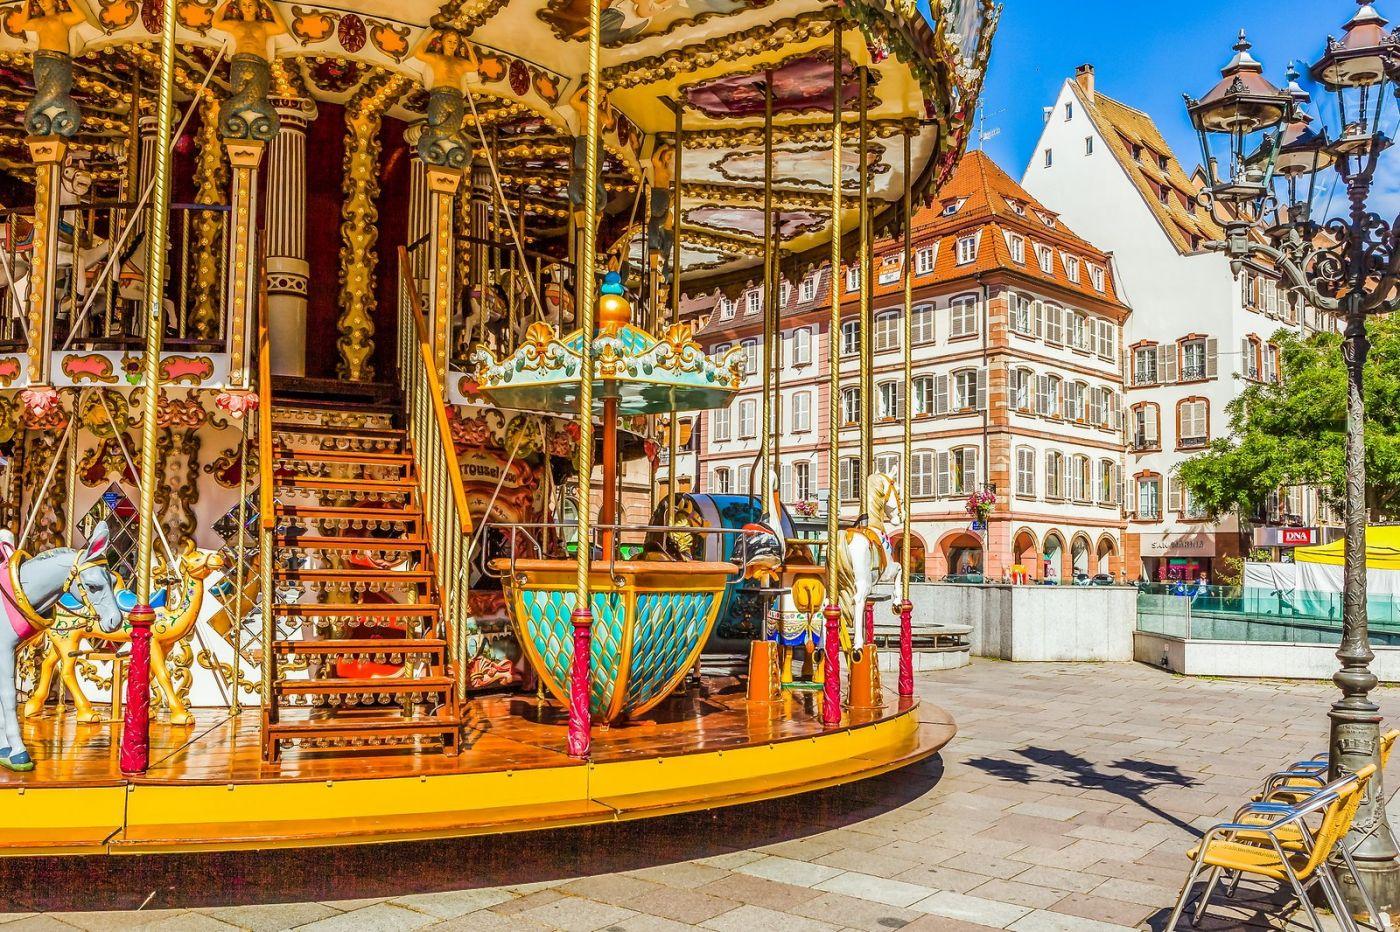 法国斯特拉斯堡(Strasbourg),边走边拍_图1-19